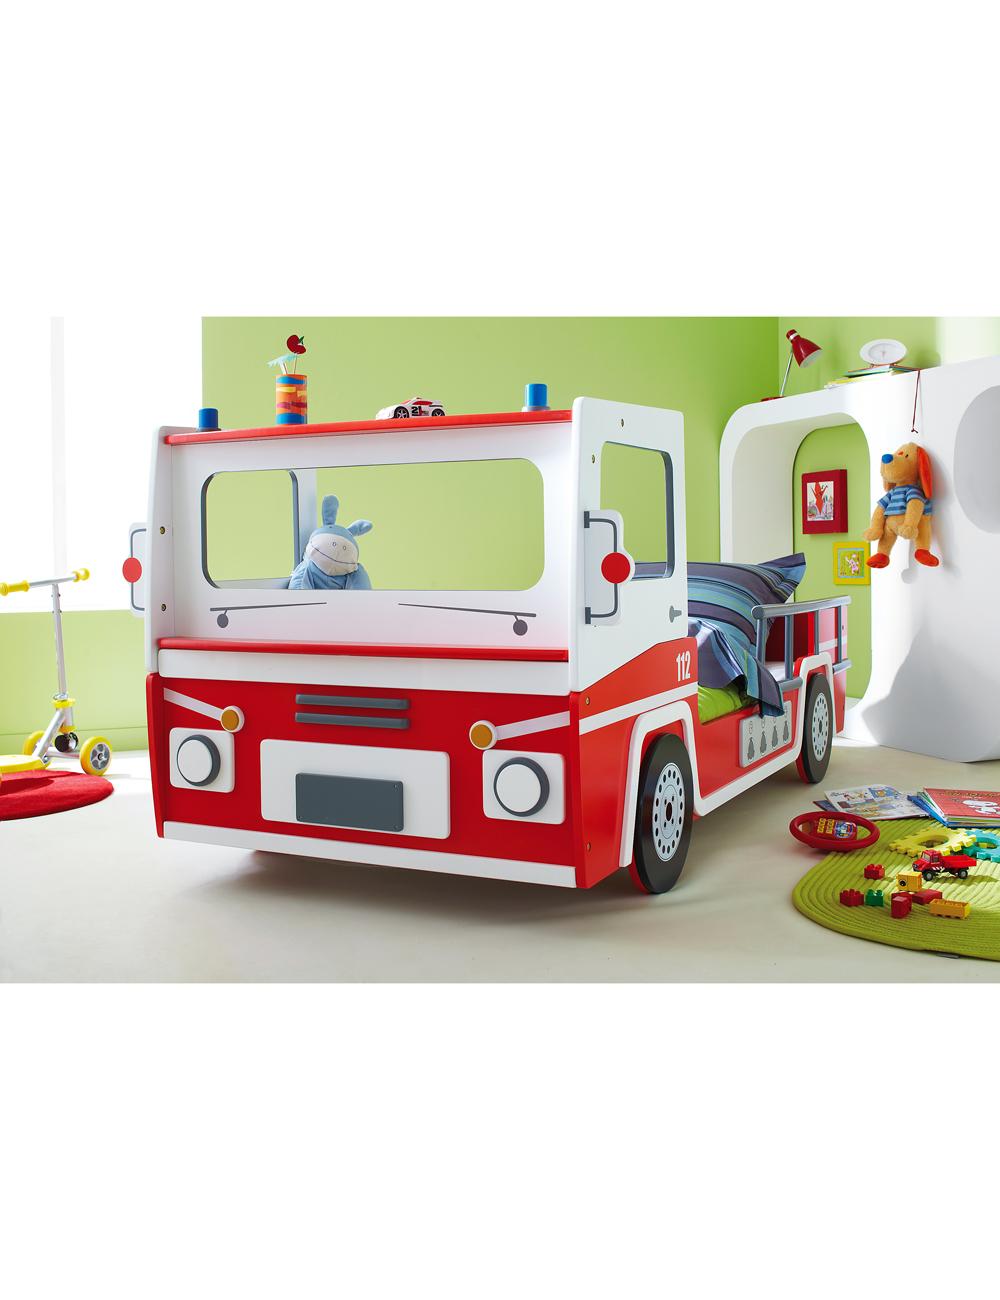 Feuerwehrauto-Bett aus kratzfester MDF